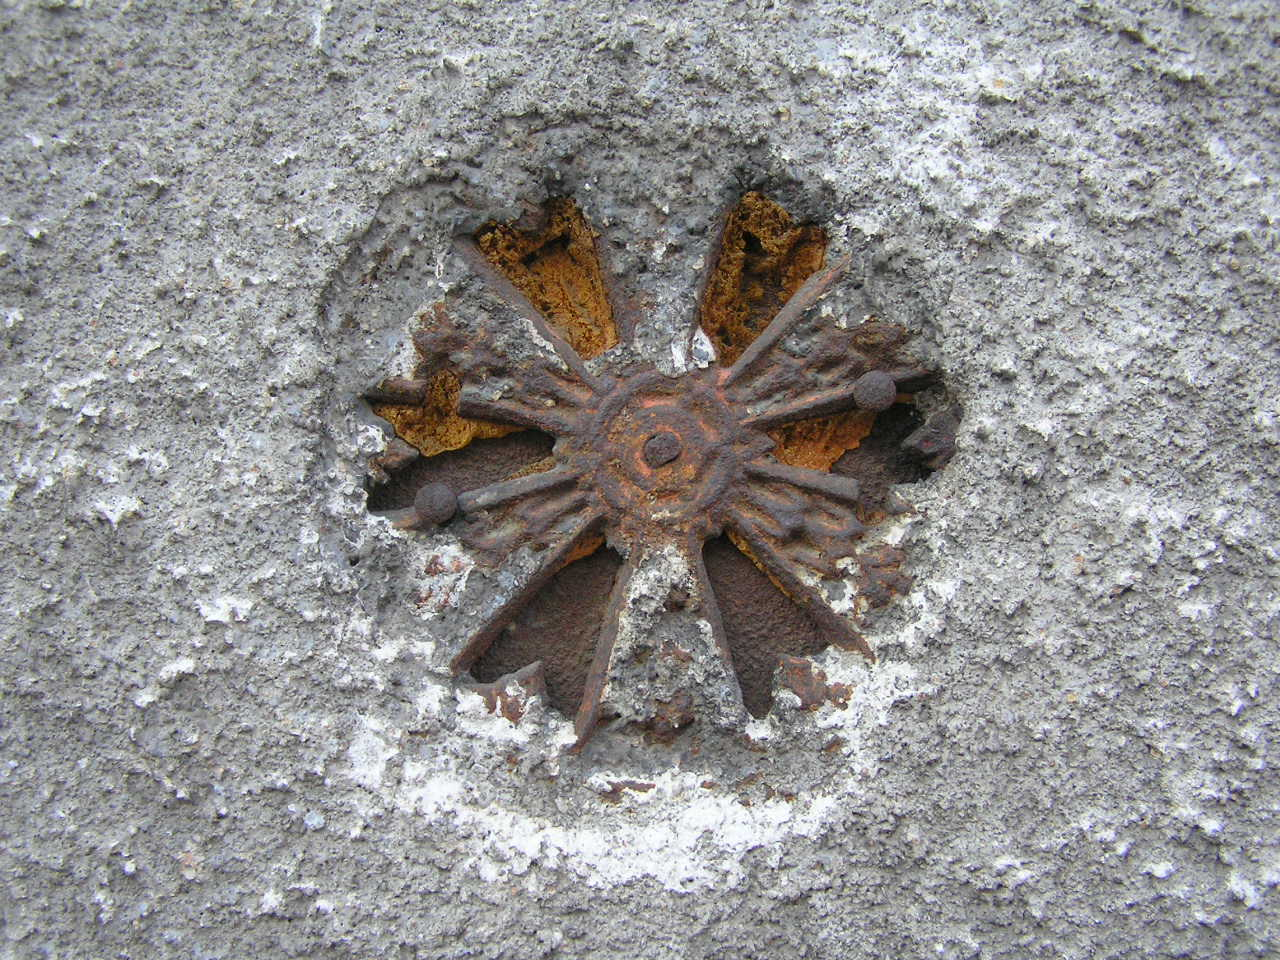 Kratka wentylacyjna umieszczona na kamienicy przy ulicy Czapelskiej 31 na Grochowie